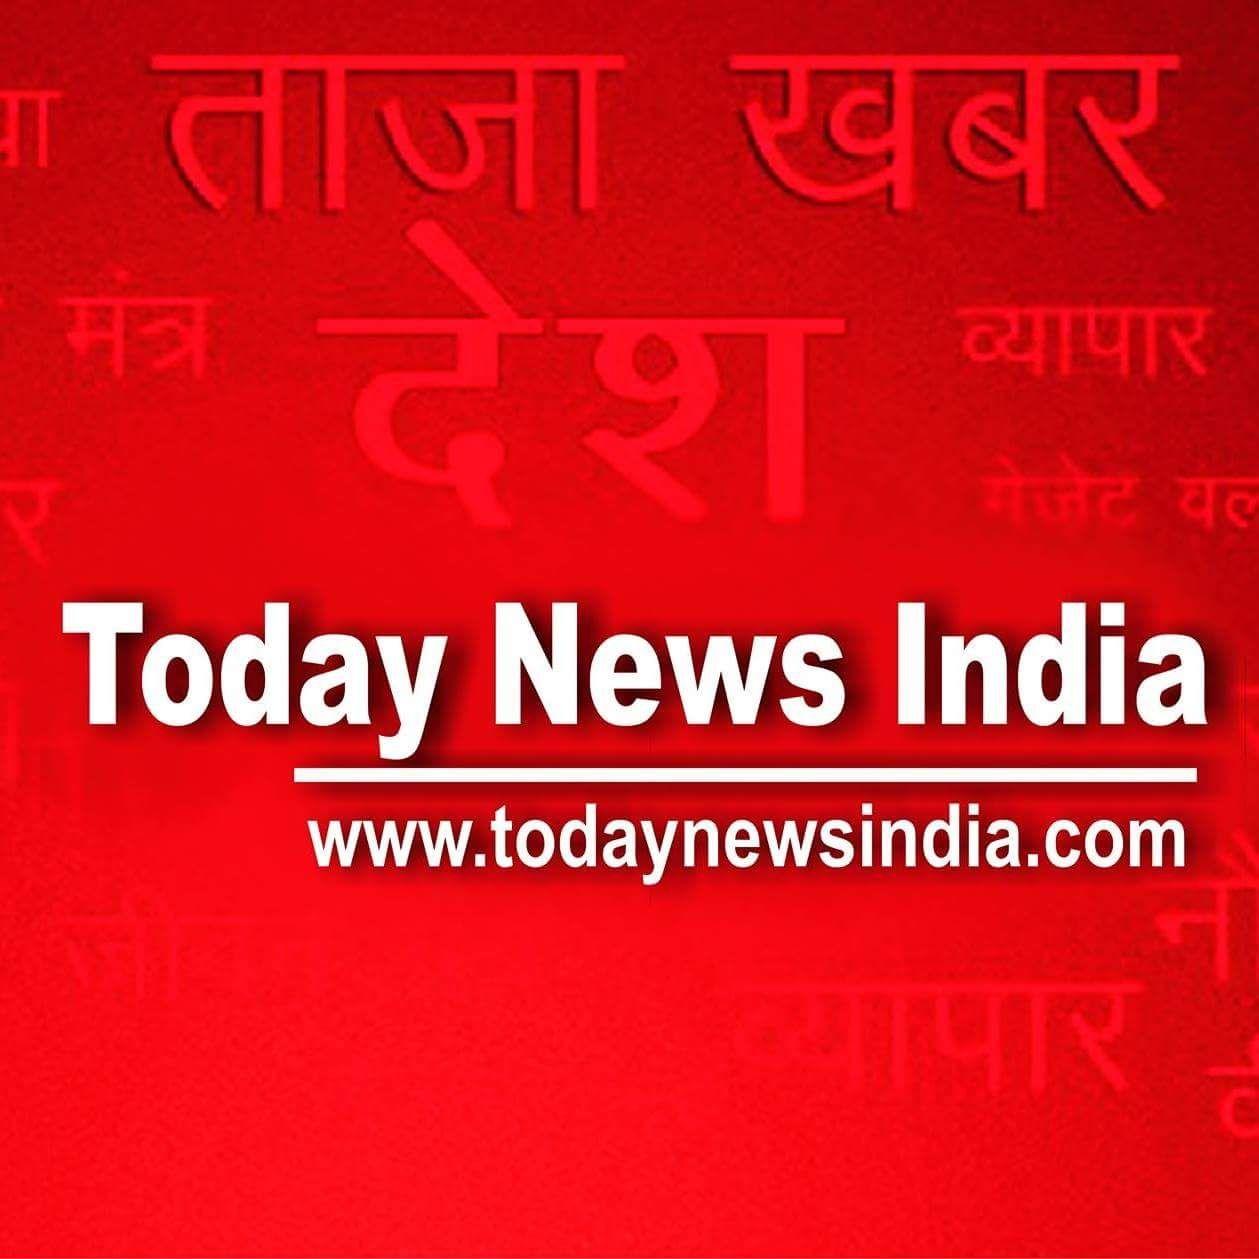 एक बार फिर फरीदाबाद सूरजकुंड के होटल राजहंस से किया भाजपा ने लोकसभा चुनाव की जीत का आगाज।